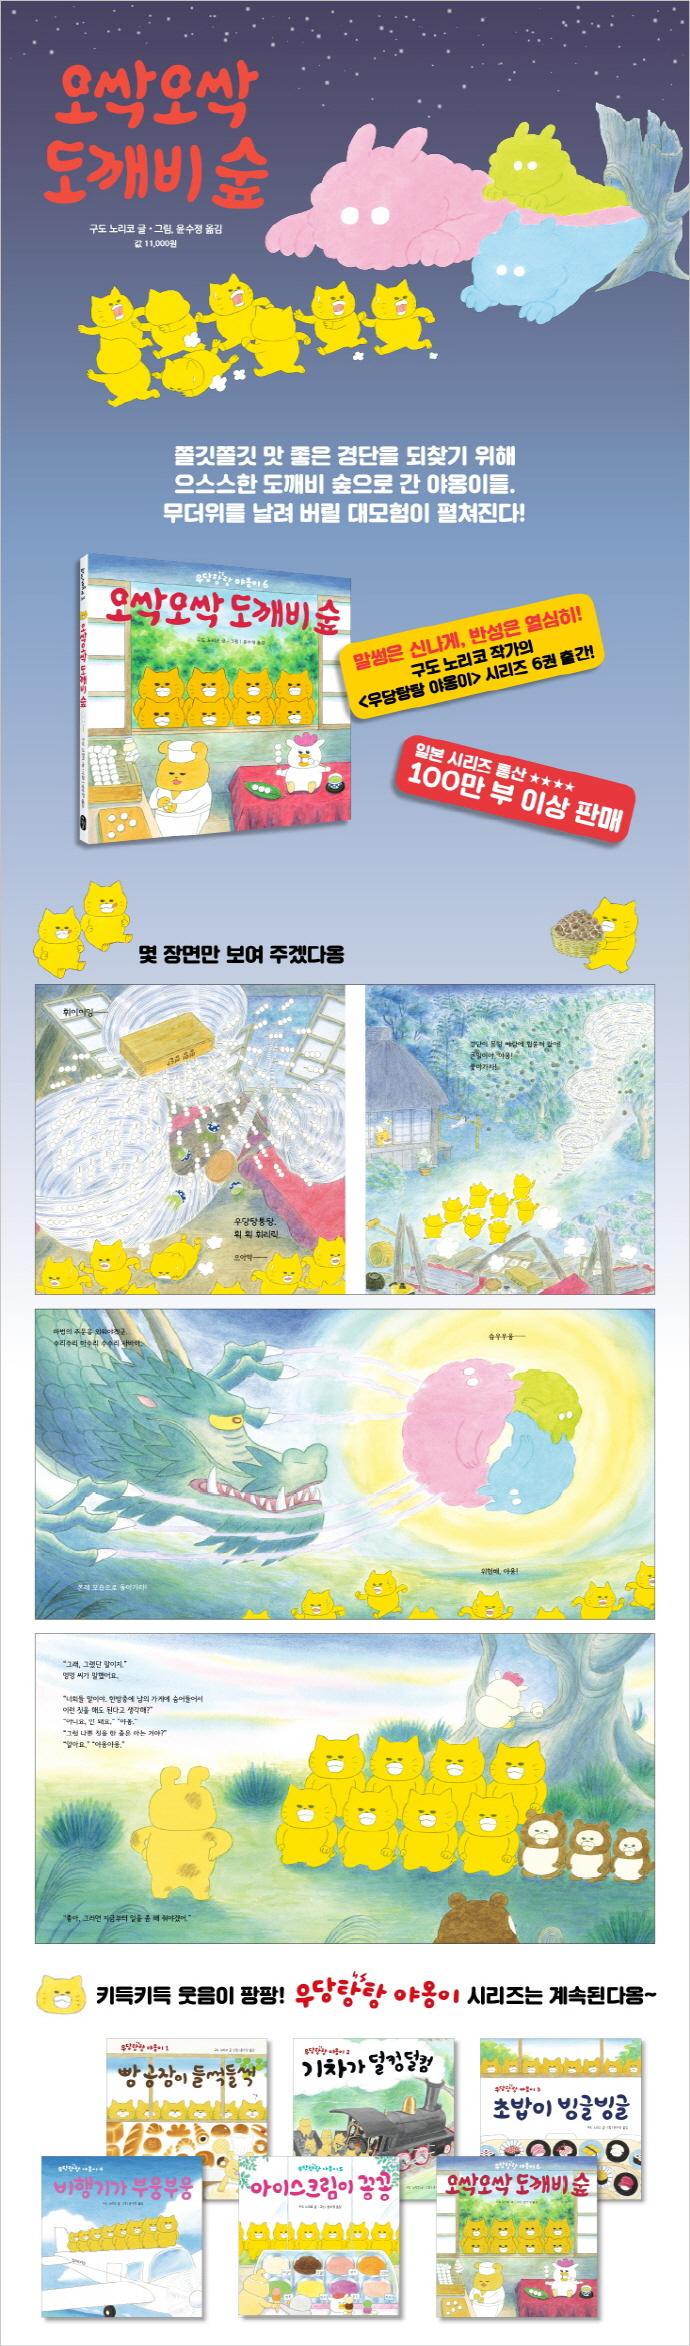 오싹오싹 도깨비숲(작은곰자리 40)(양장본 HardCover) 도서 상세이미지